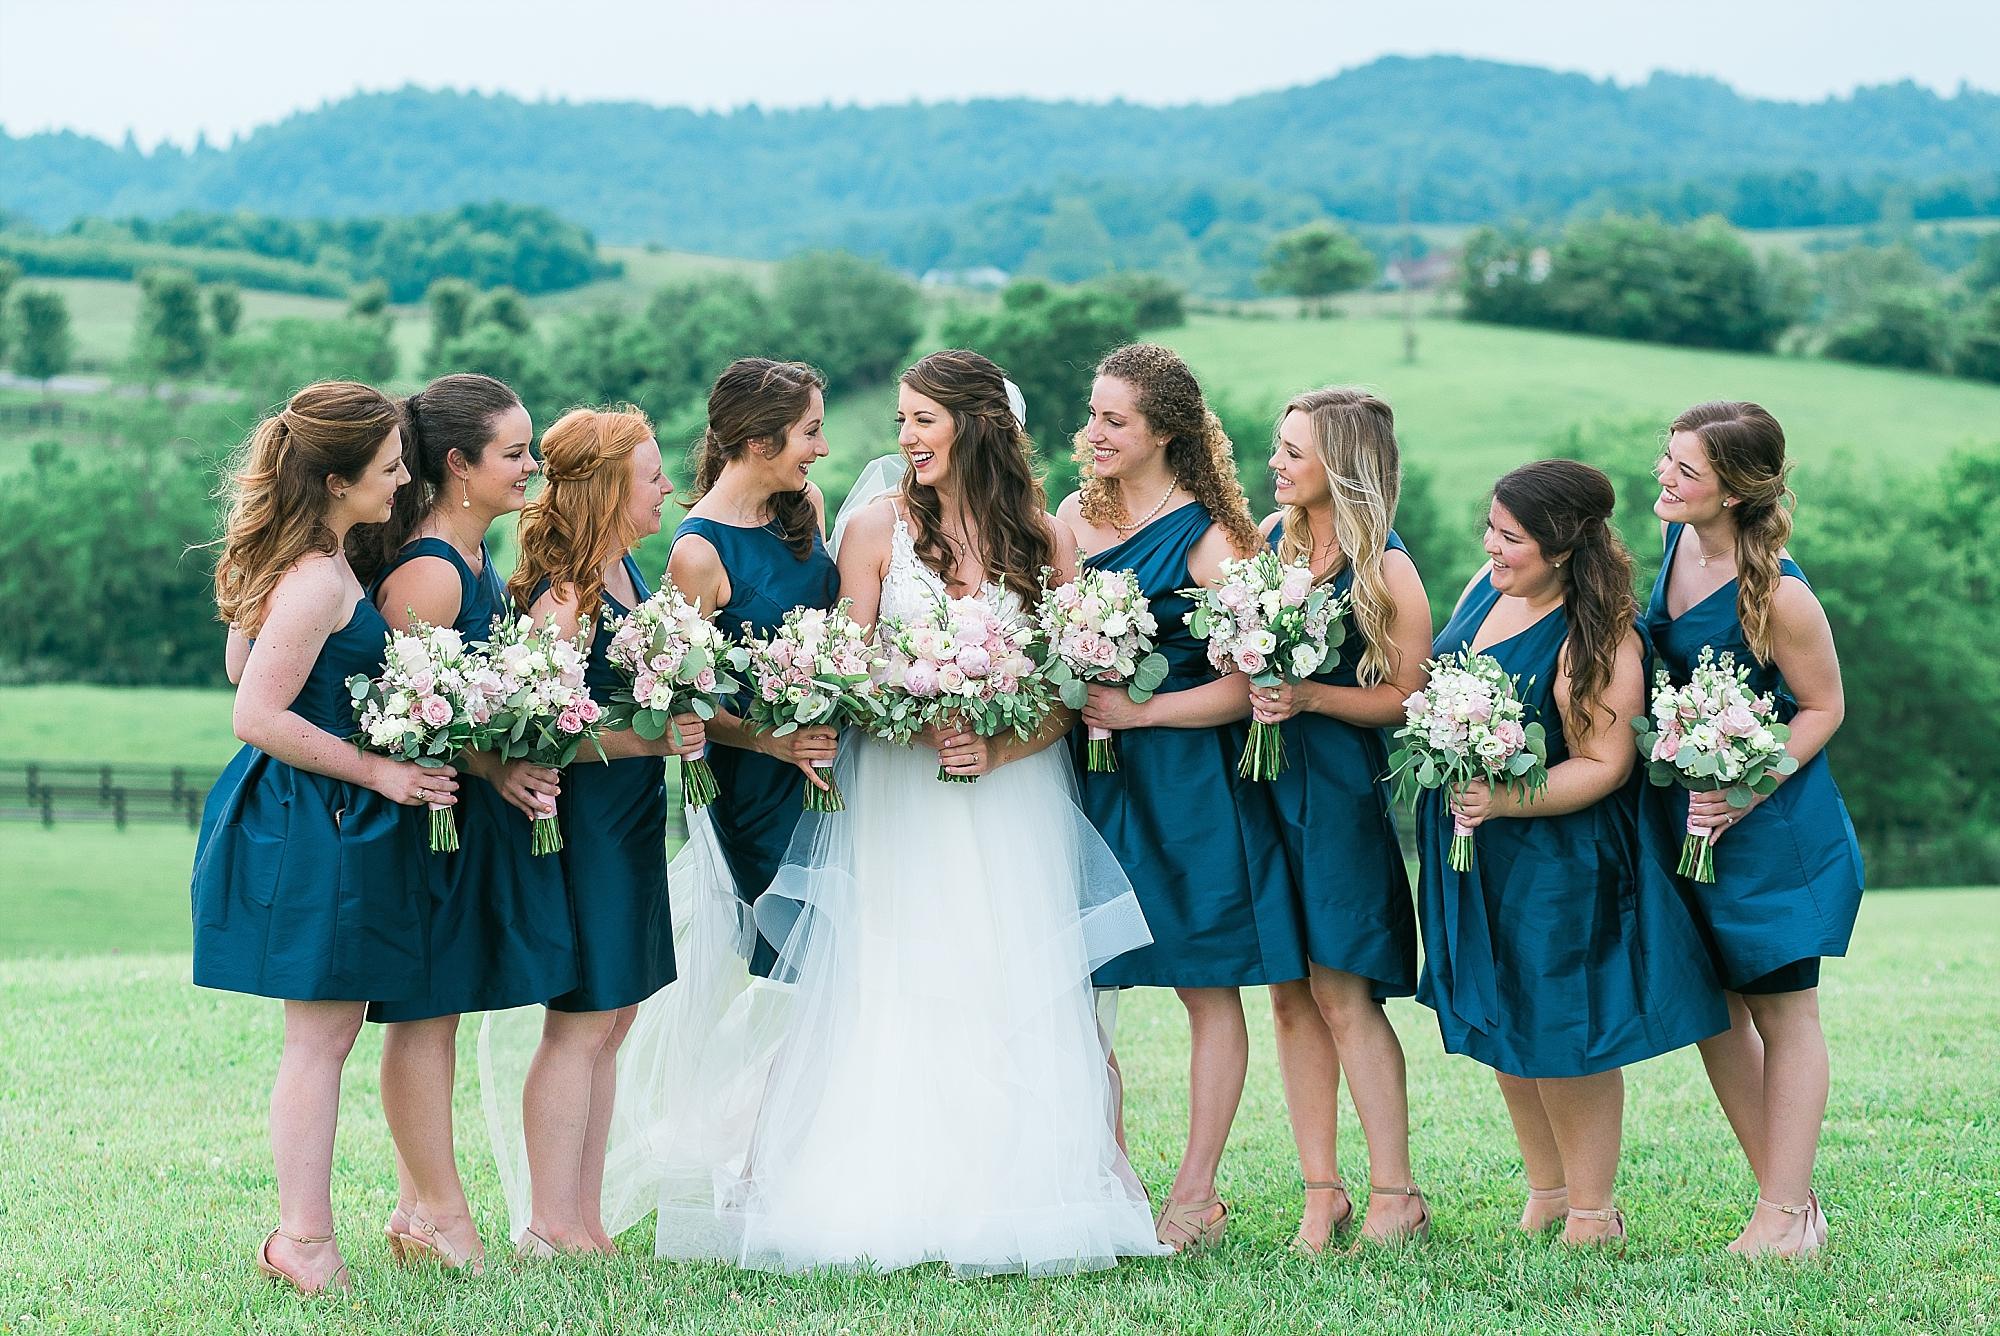 bluegrass-wedding-barn-danville-ky